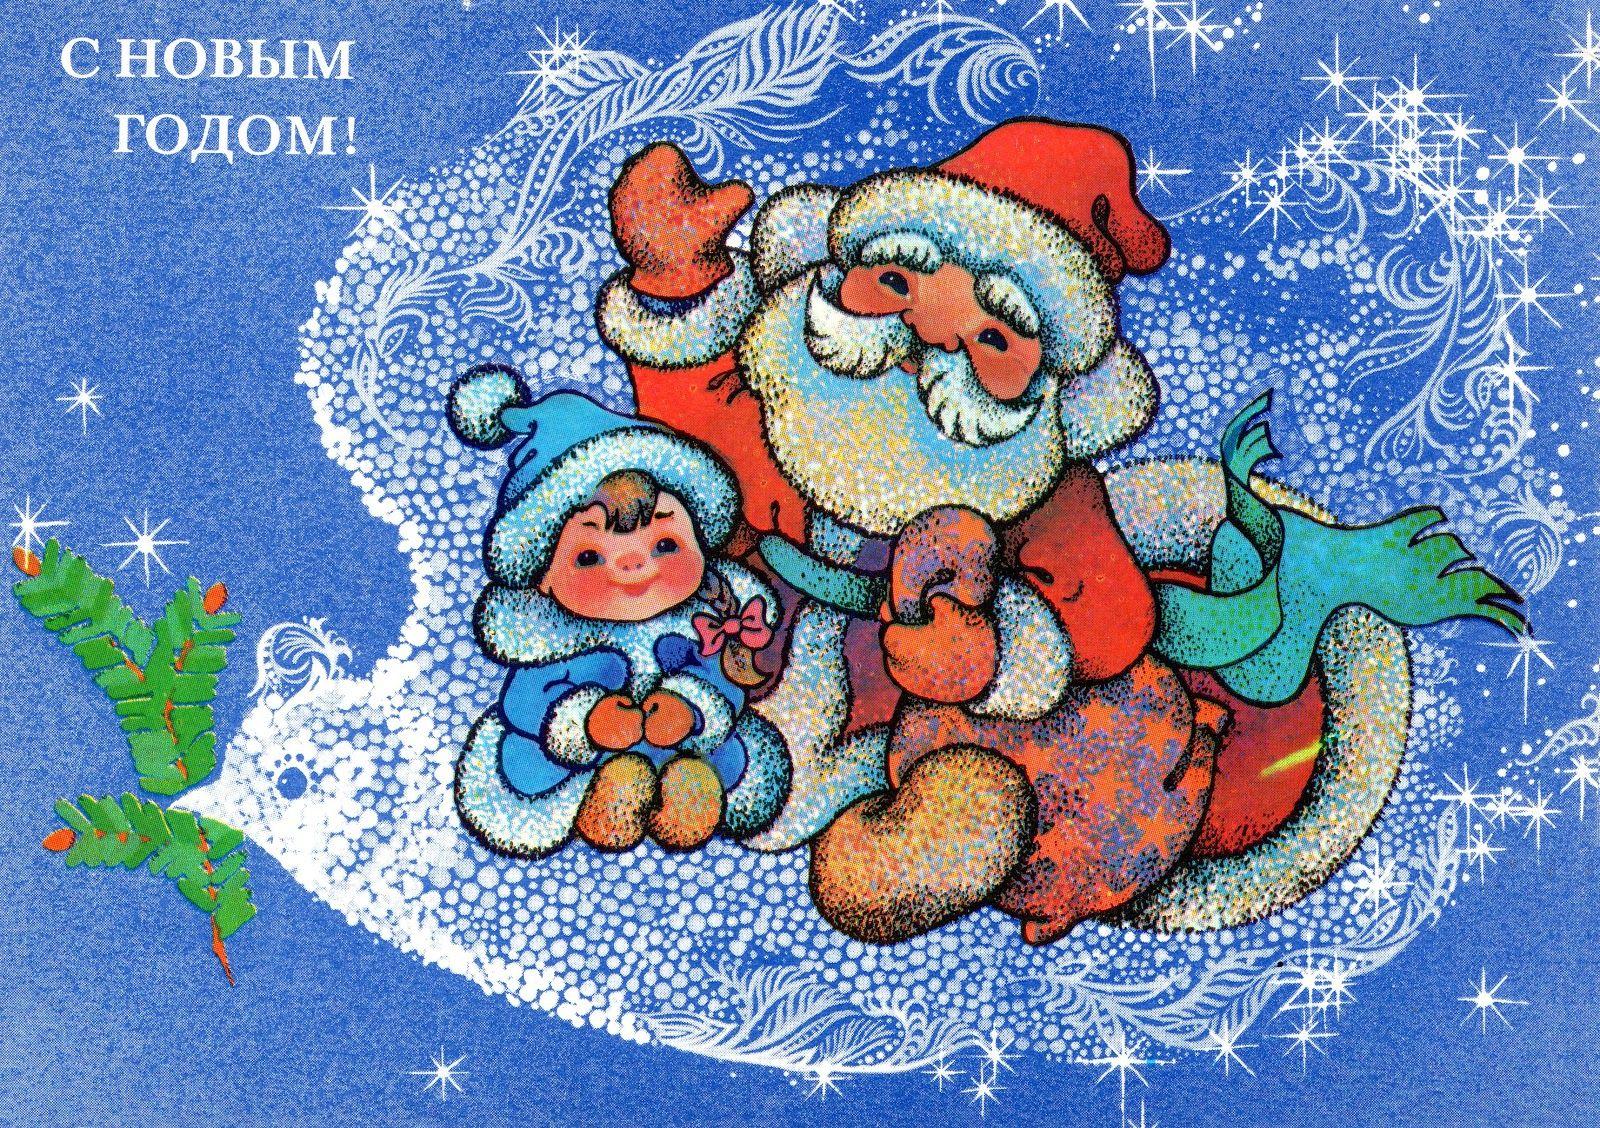 Кого или что изображают на новогодней открытке, успехом